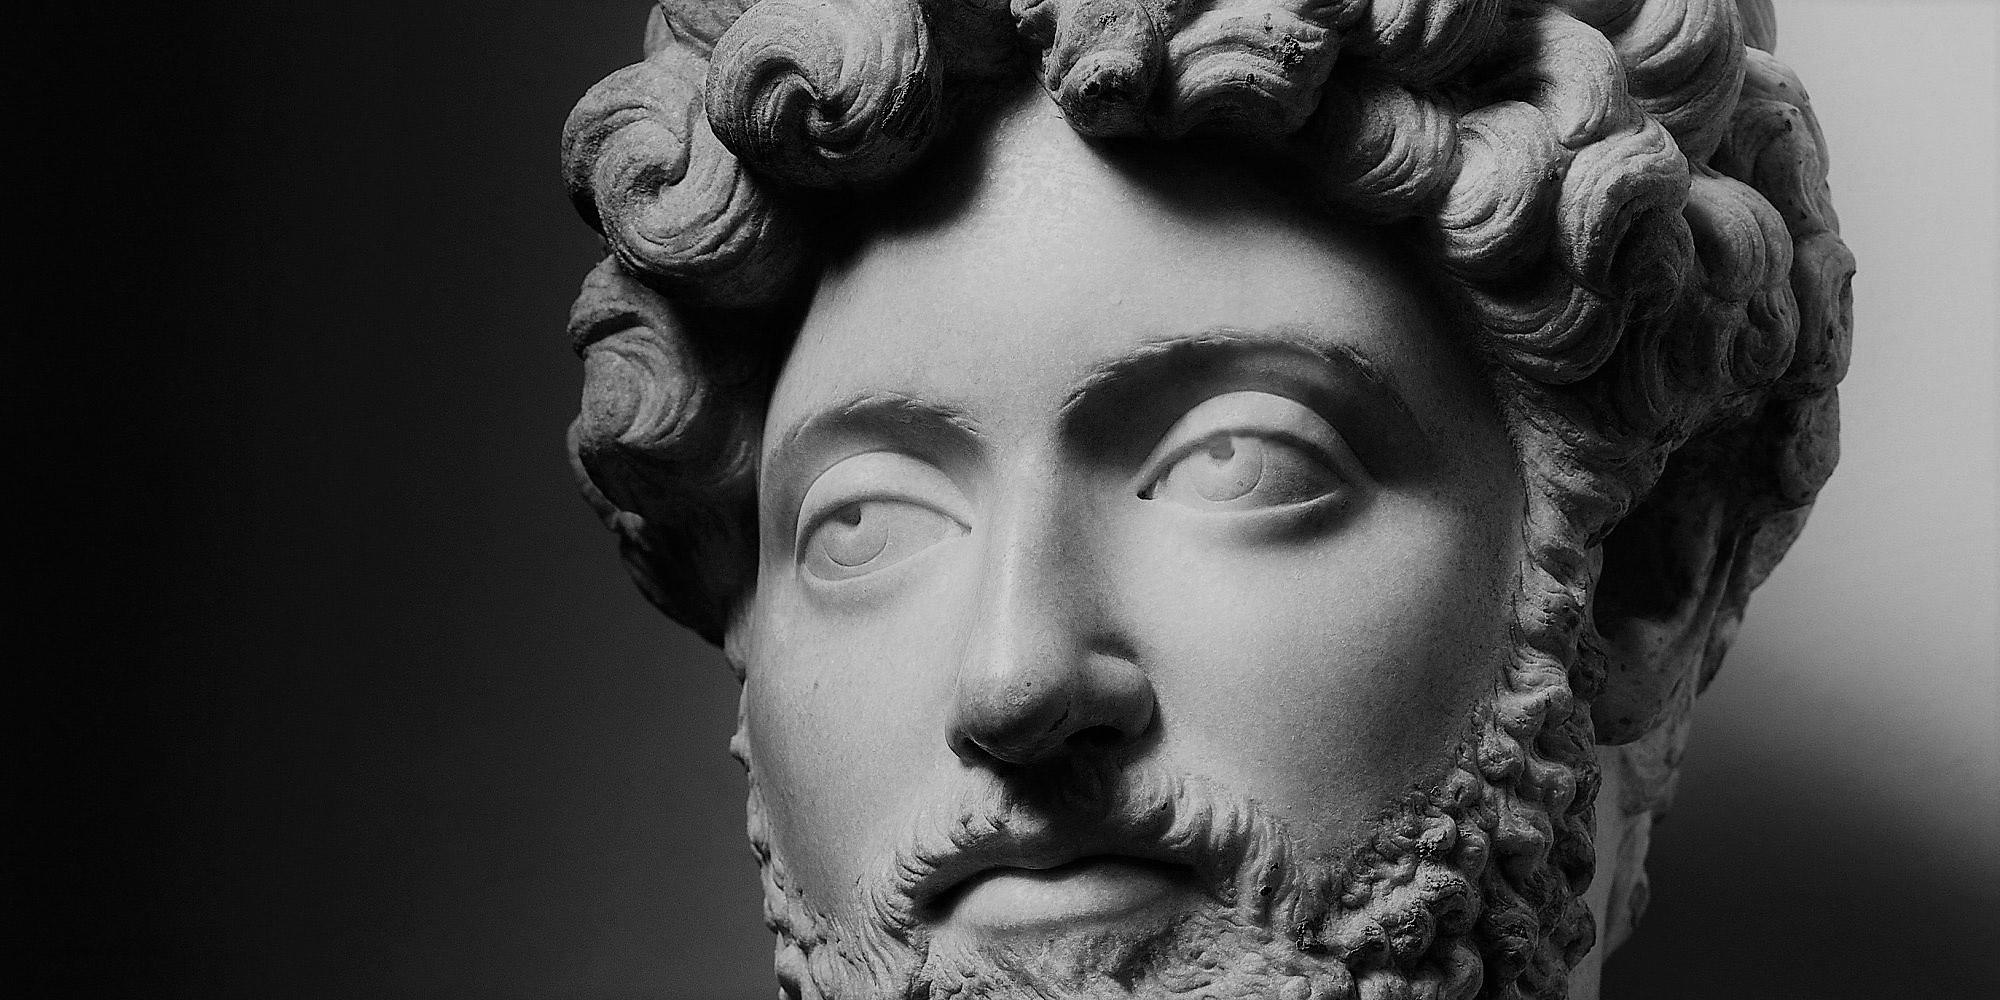 فیلسوفی که امپراتور شد